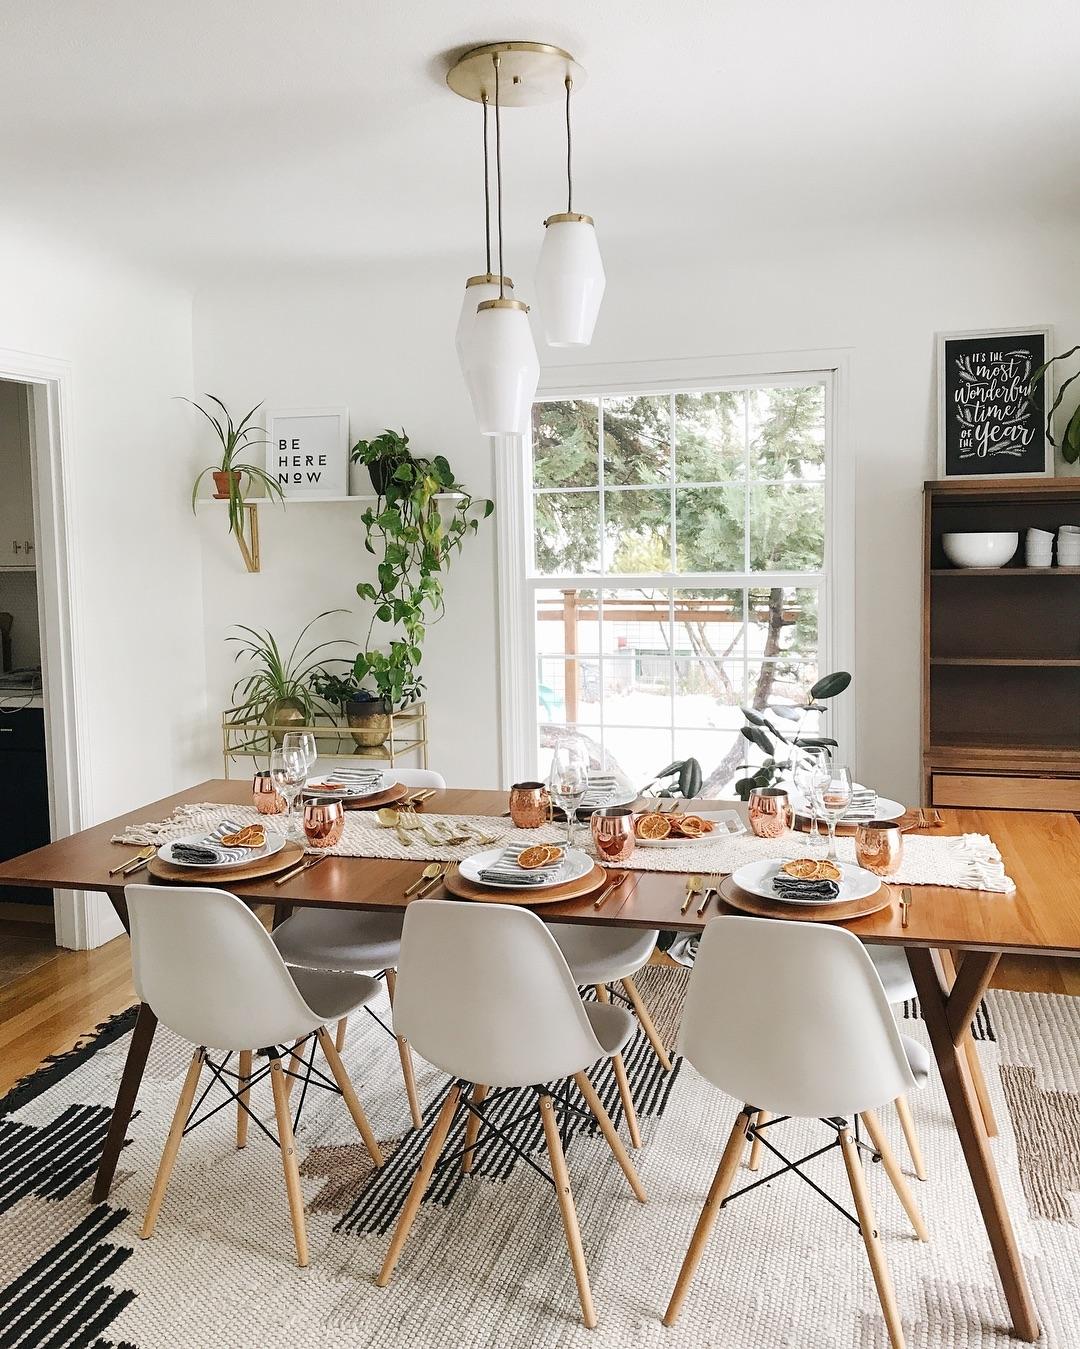 10 Inspiring Mid-Century Dining Room Ideas_3